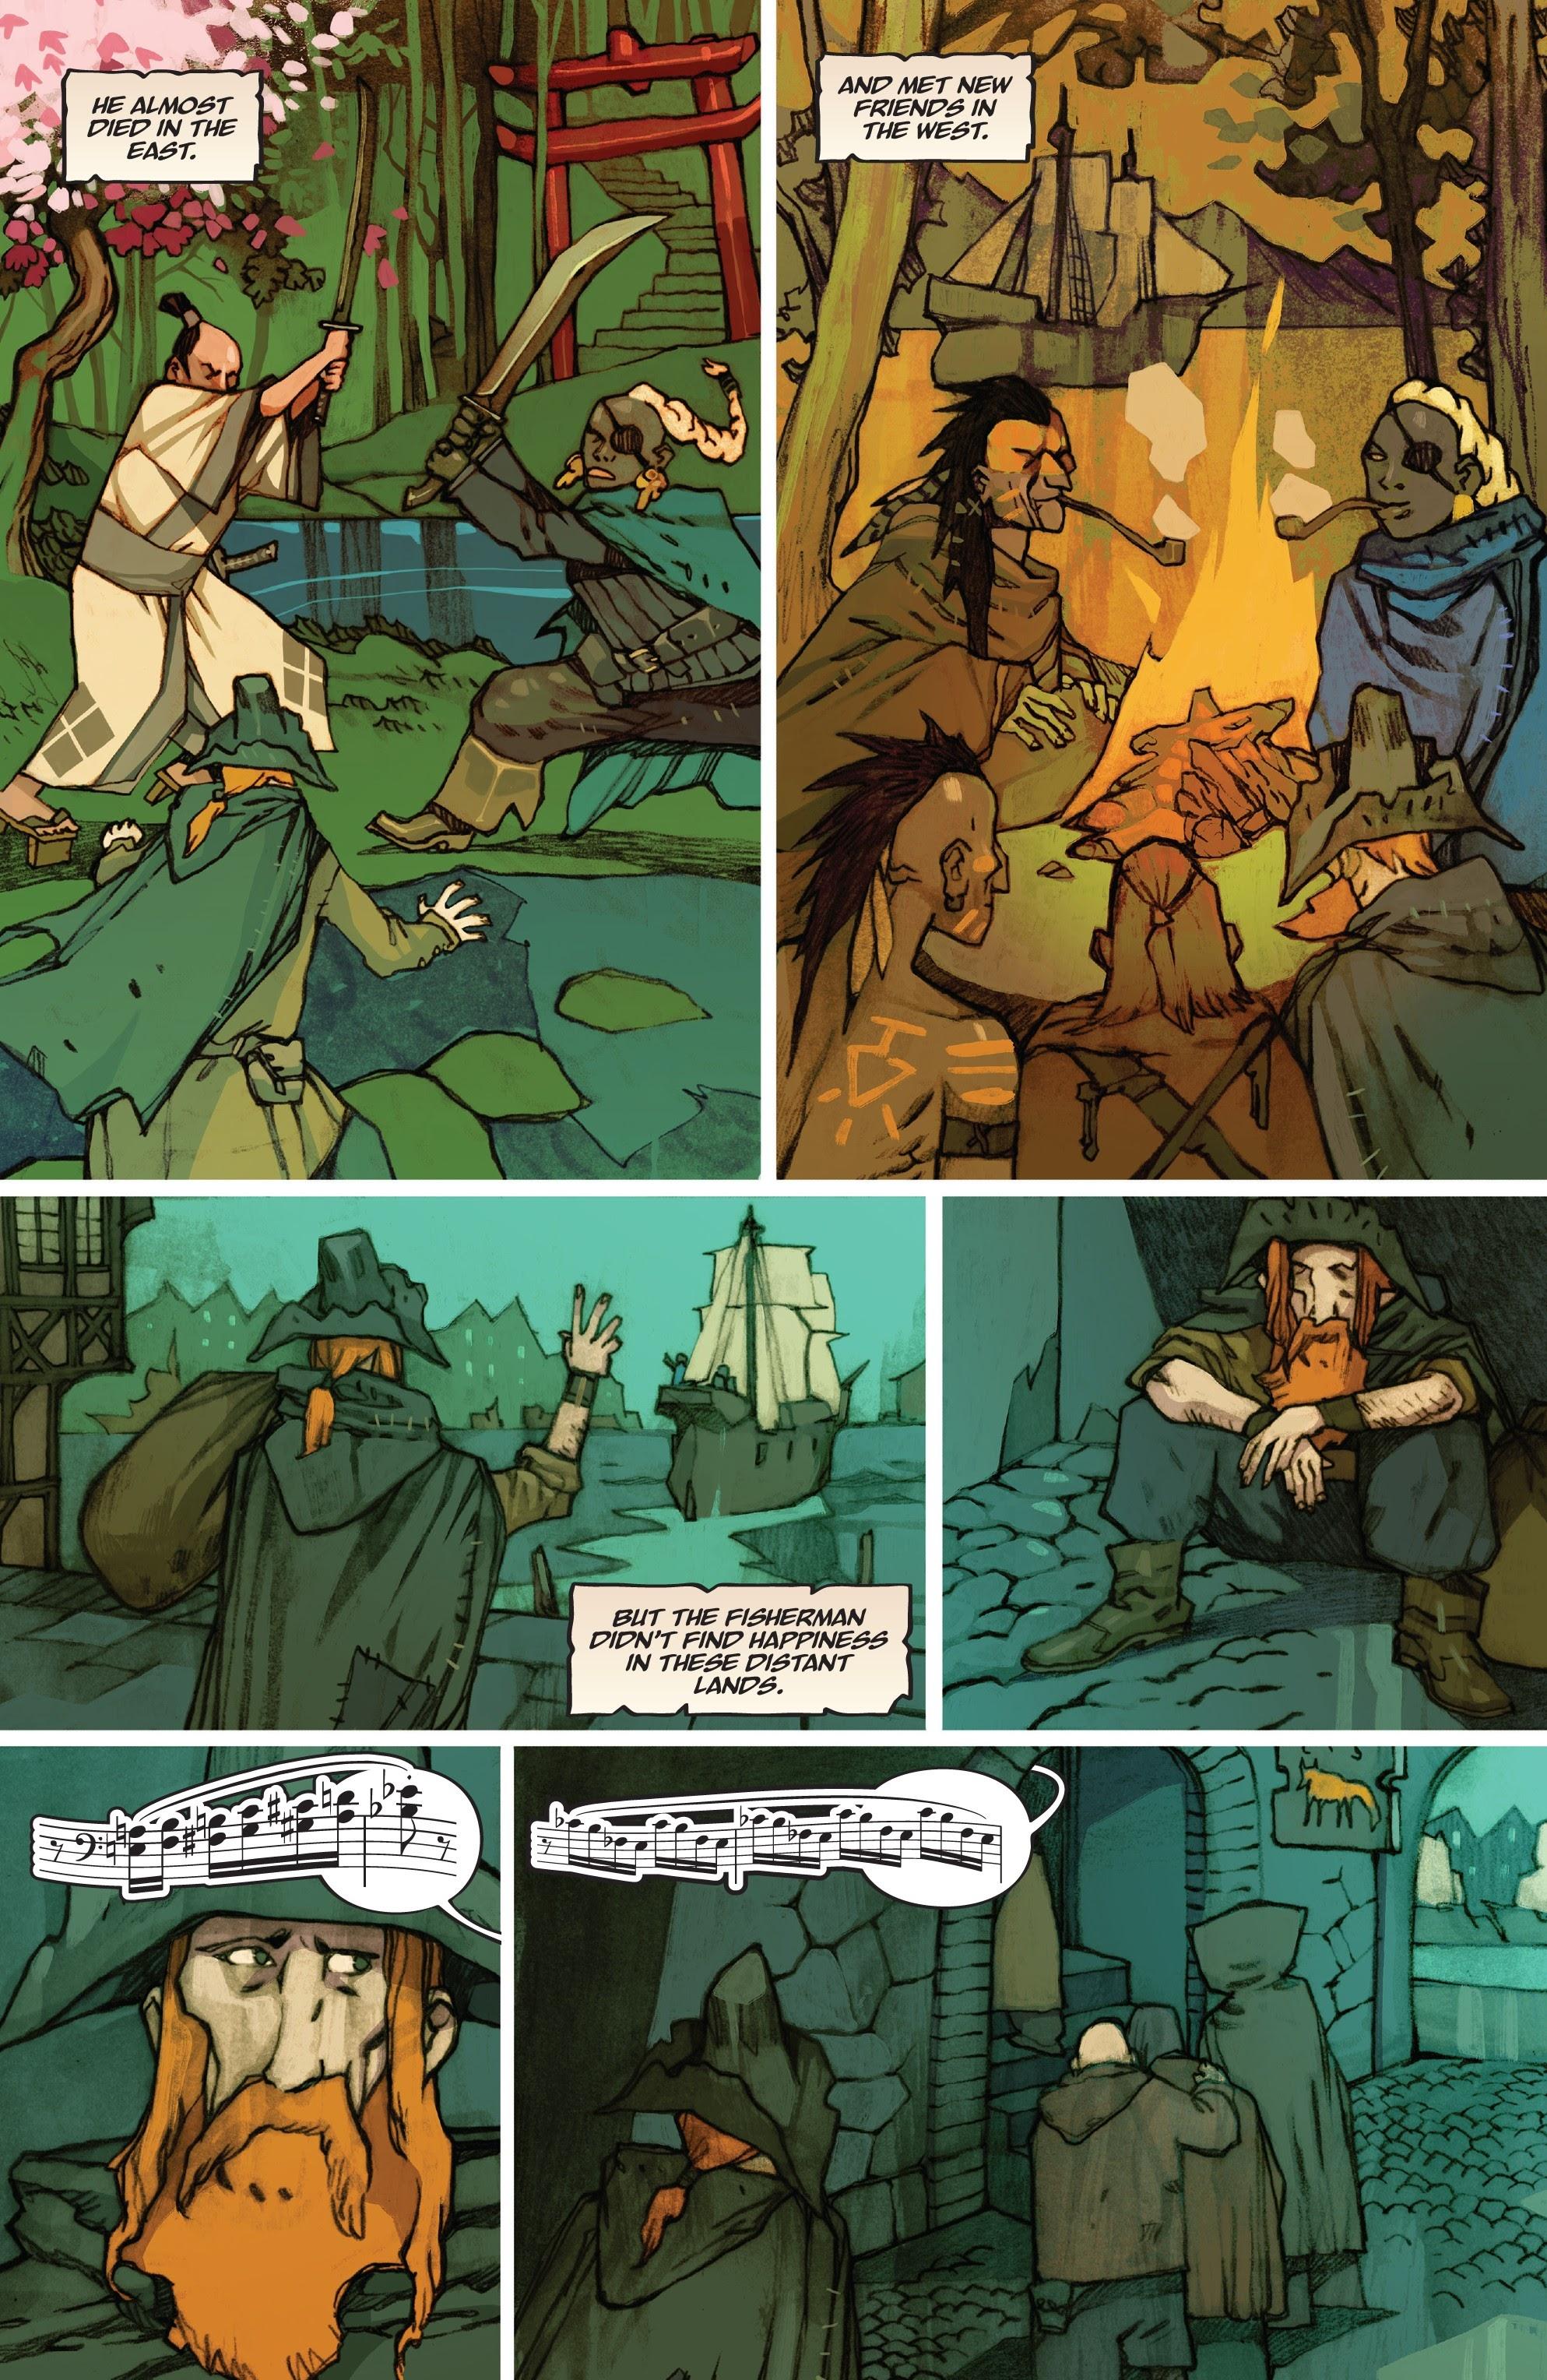 Jim Henson S The Storyteller Sirens Issue 1  Viewcomic -2653